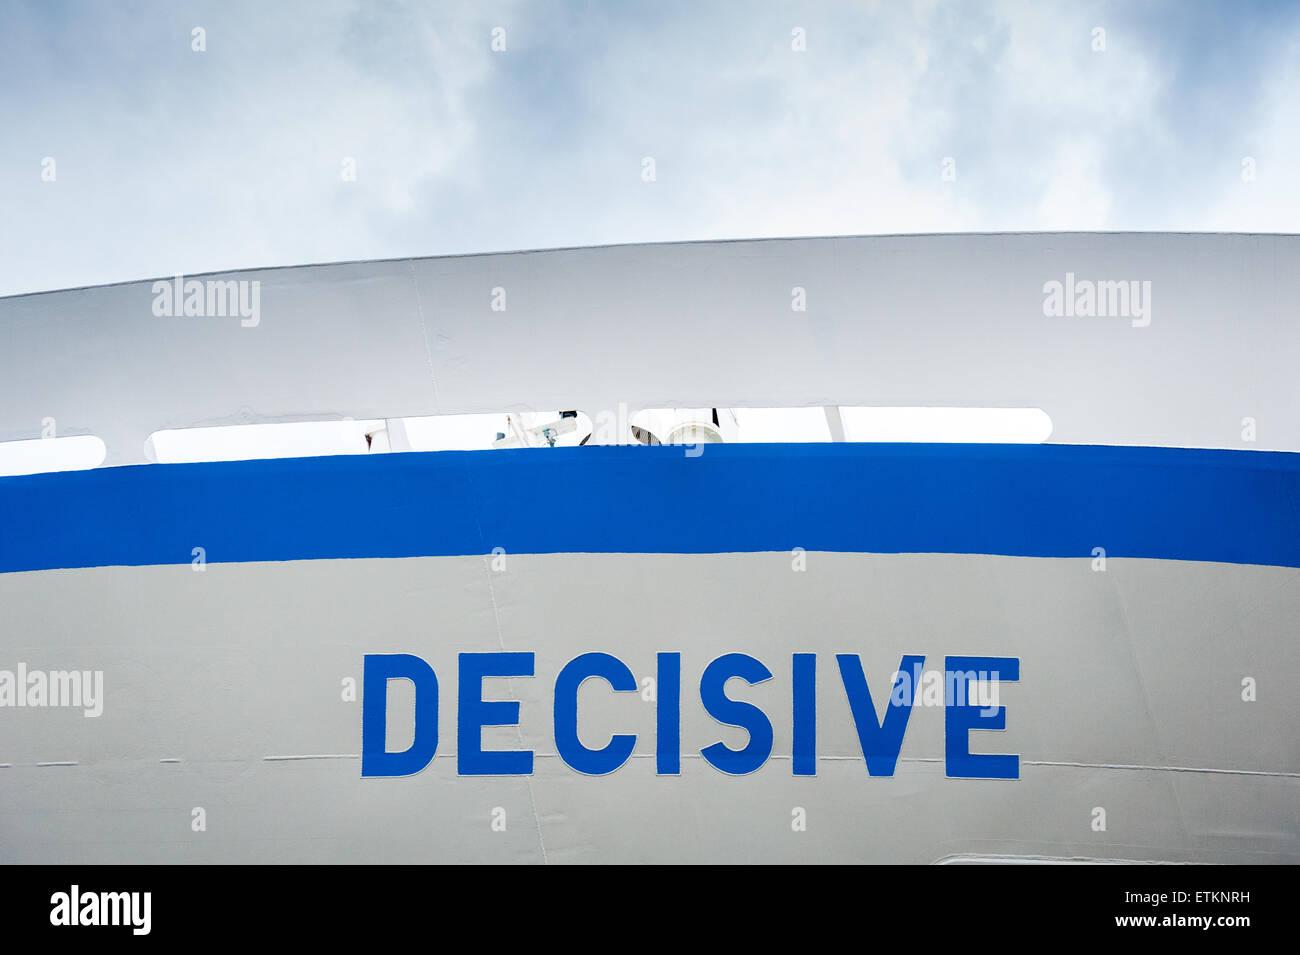 Segno sulla nave con blu brillante di scritte in Baltimore, Maryland, Stati Uniti d'America Immagini Stock